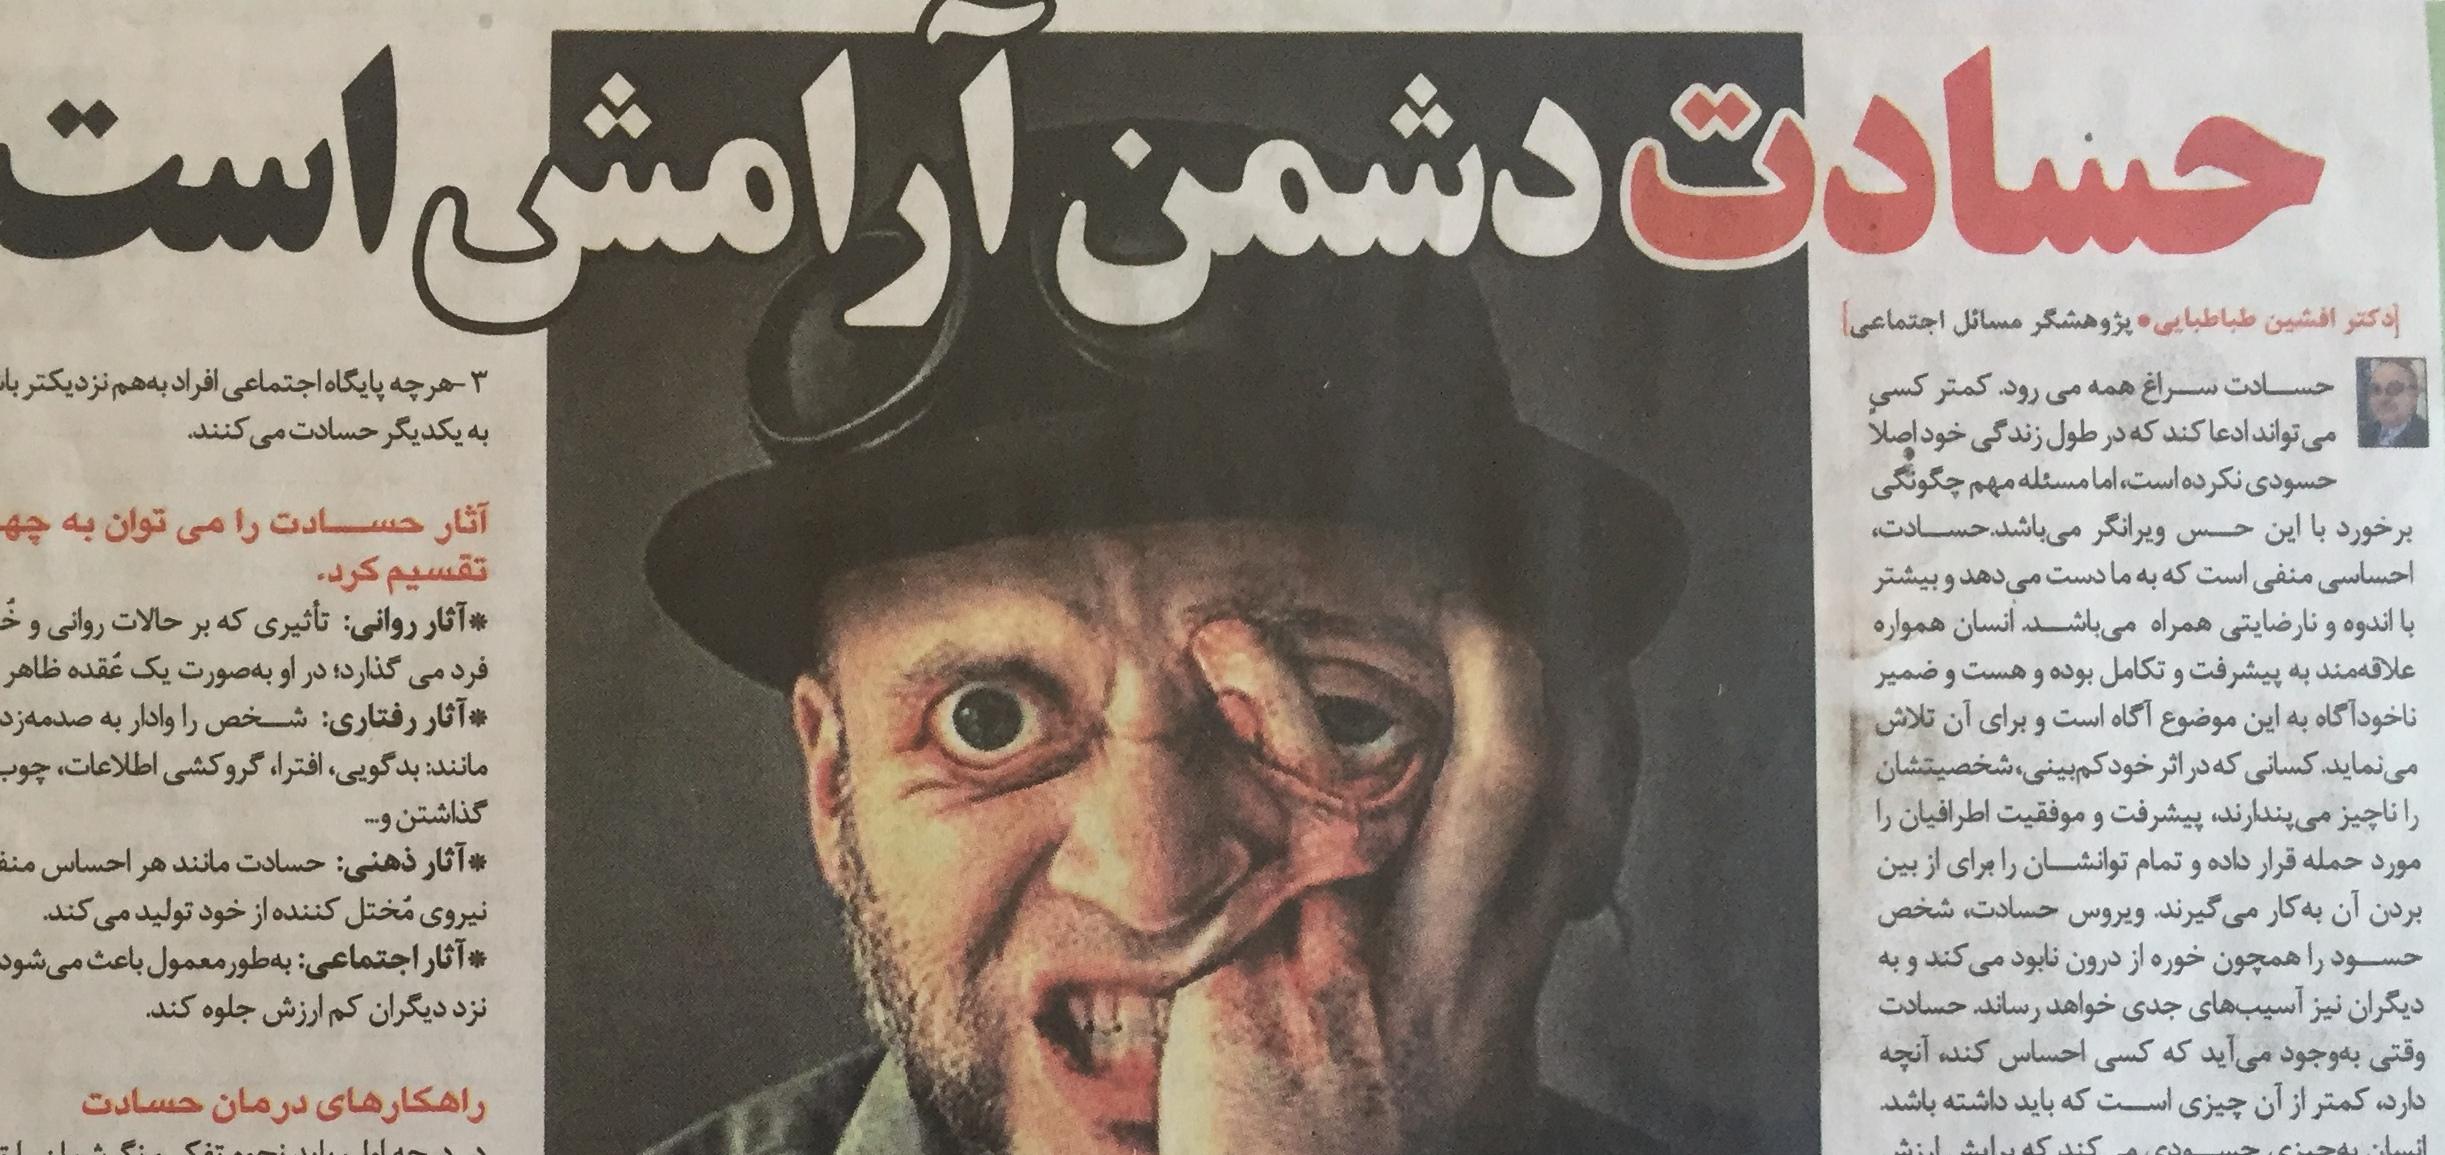 روزنامه: حسادت دشمن آرامش - دکتر طباطبایی